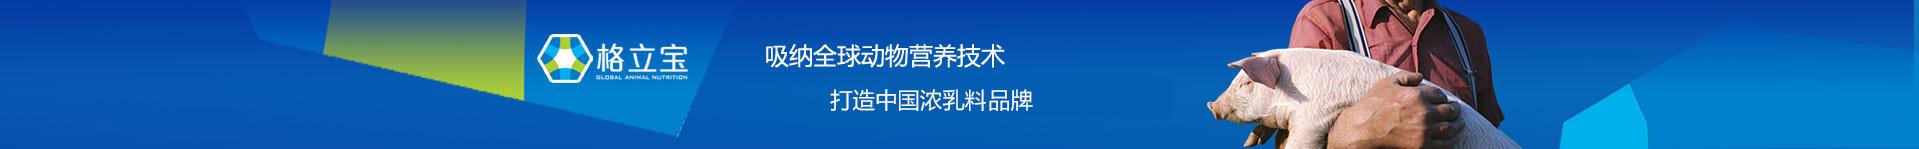 吸纳全球动物营养技术,打造中国浓乳料第一品牌